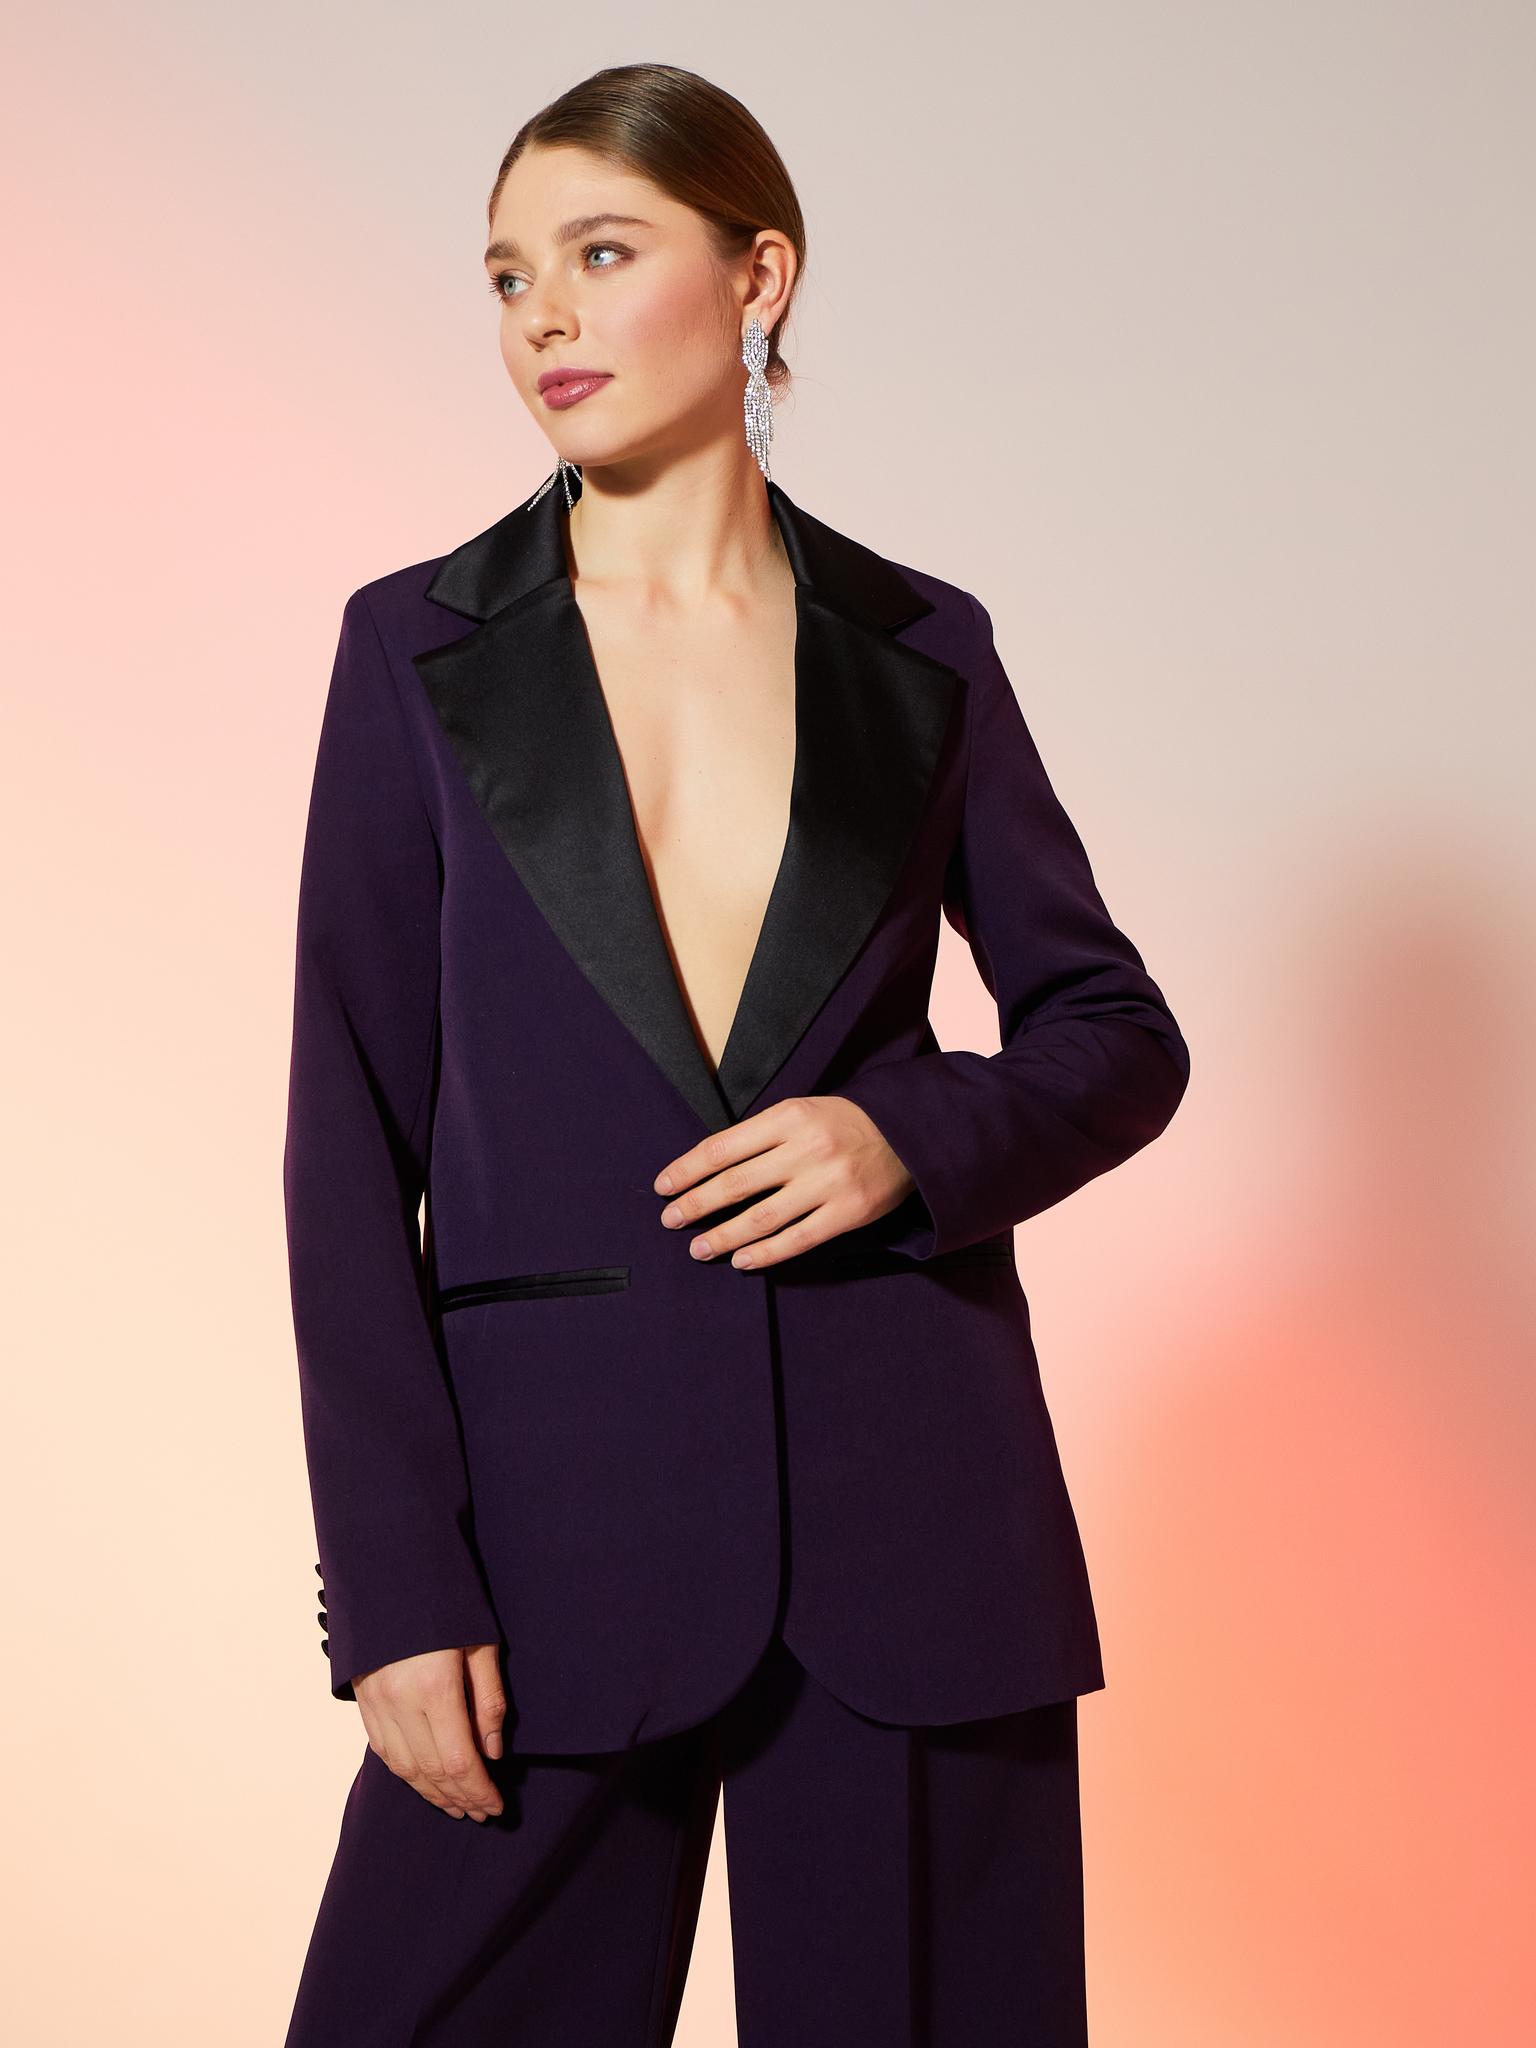 Пиджак прямой со шлицей с атласным воротником (фиолетовый)